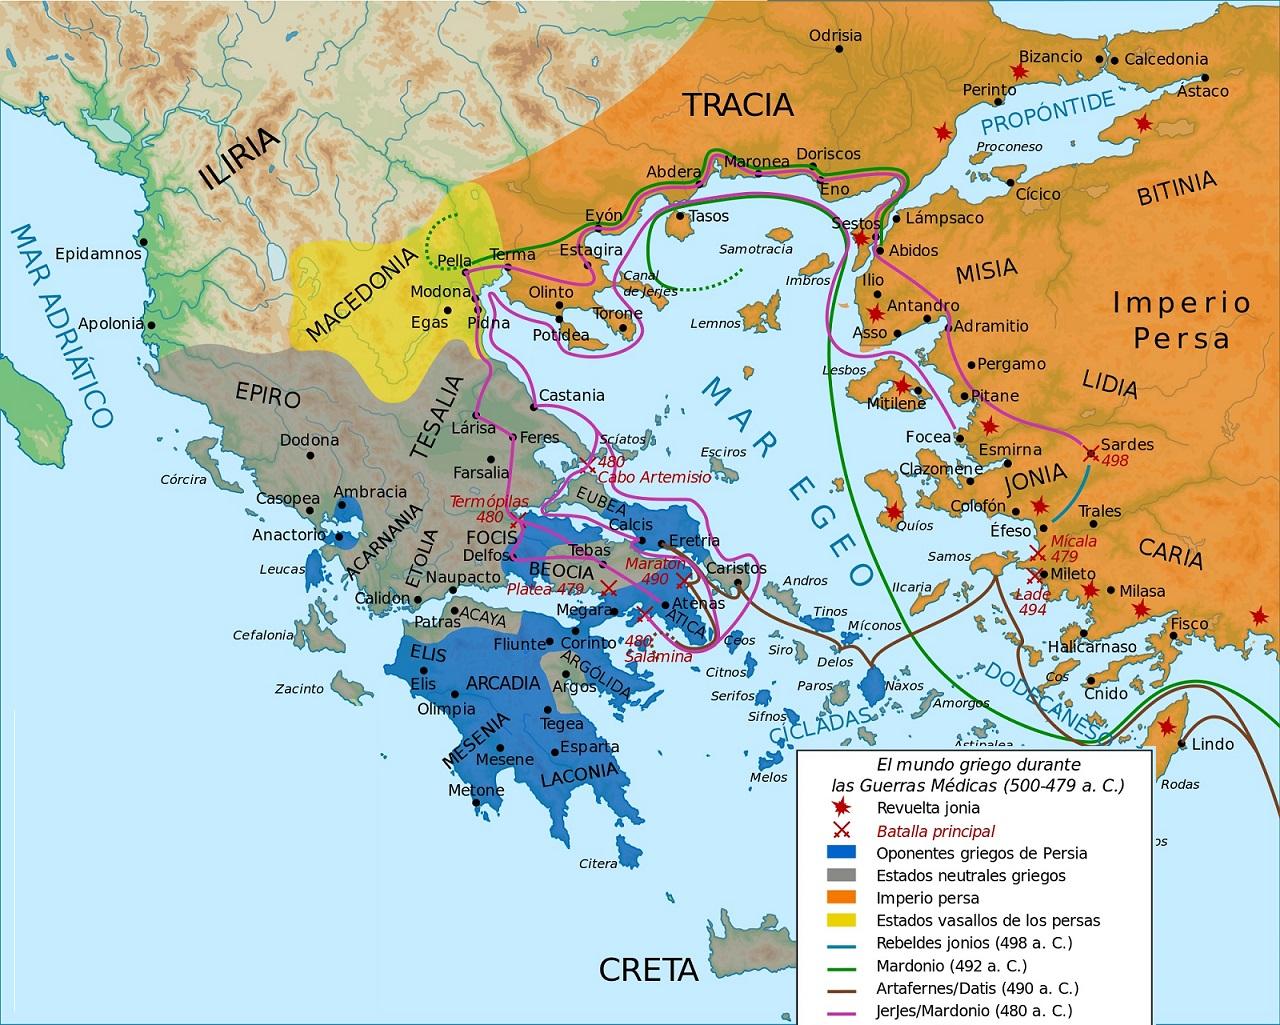 Historia De Grecia De La Edad Arcaica A La Edad Clasica Algargos Web Resumen De Arte Historia Y Geografia